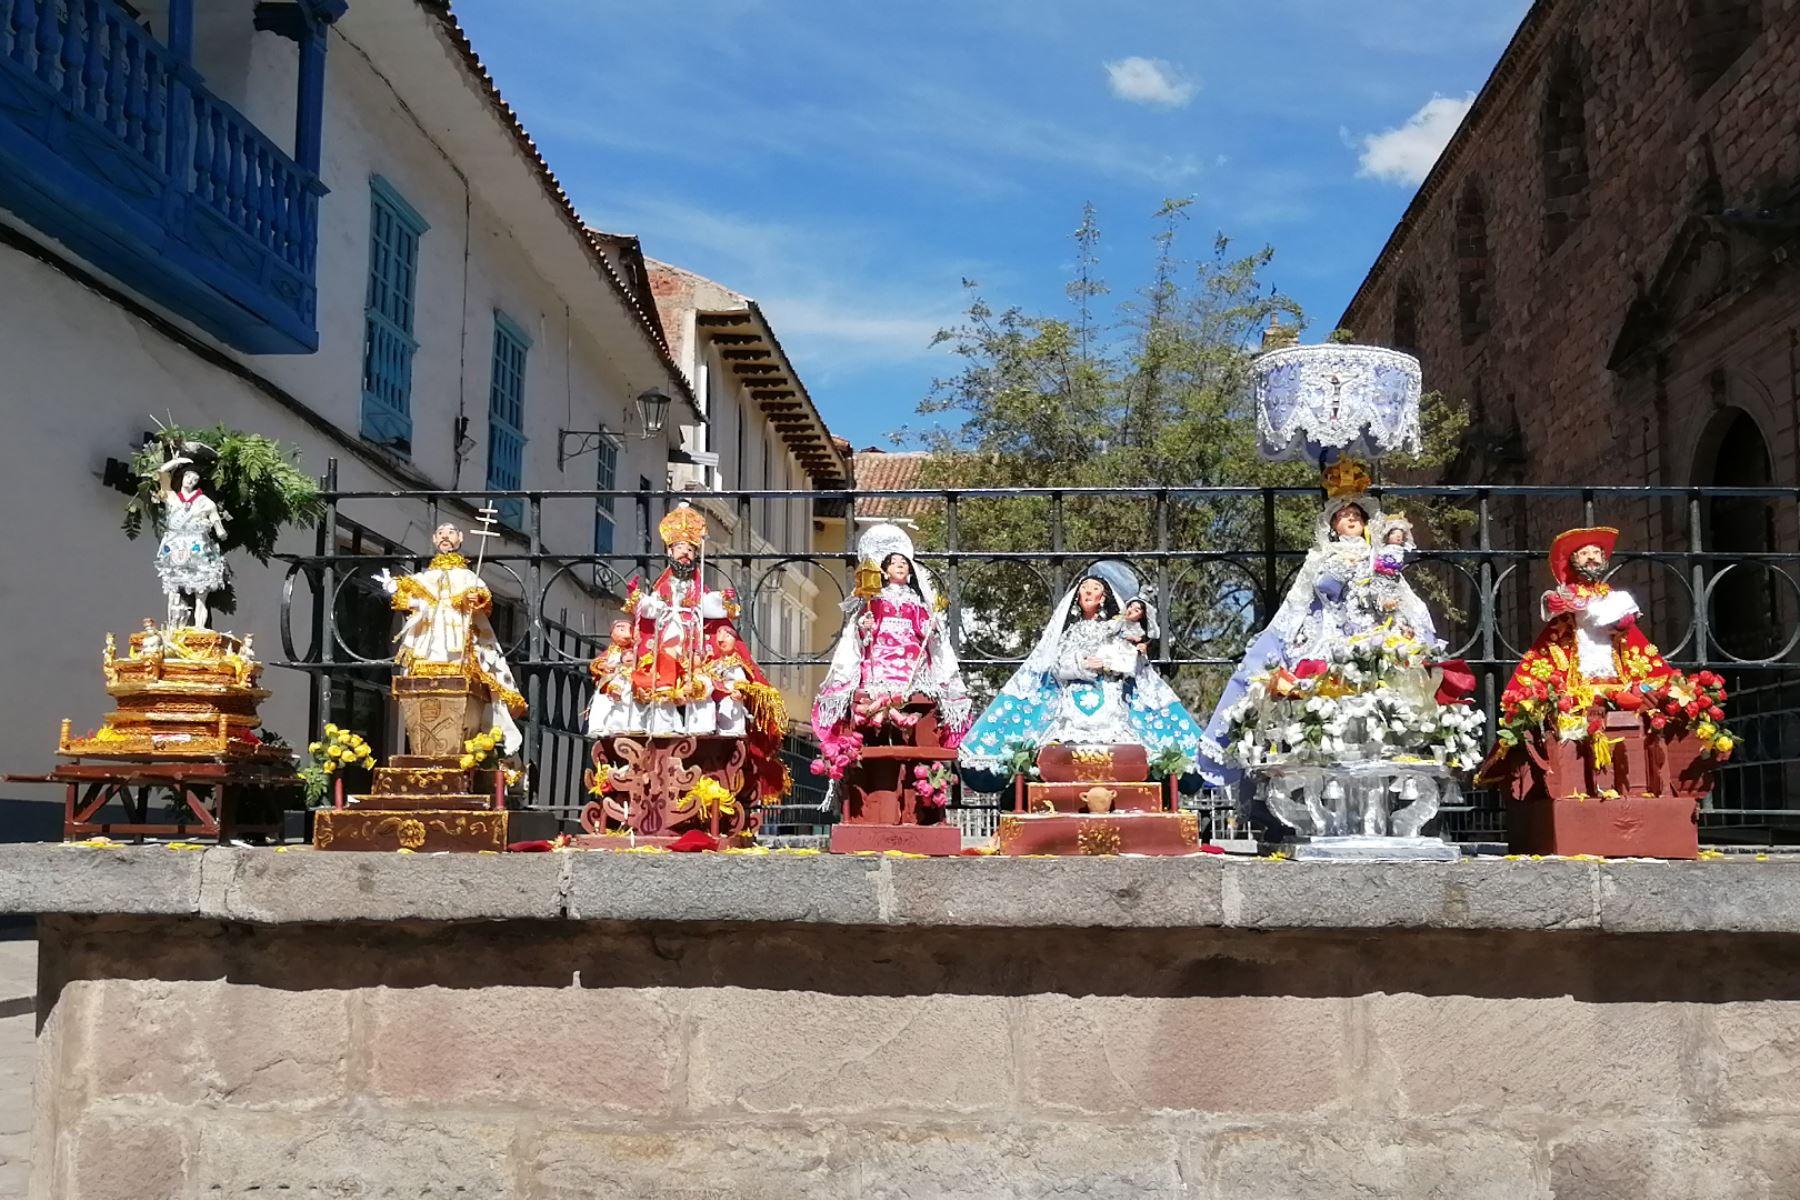 Imágenes de santos y vírgenes en miniatura protagonizaron entrada simbólica del Corpus Christi en el Cusco. Foto: ANDINA/Percy Hurtado Santillán